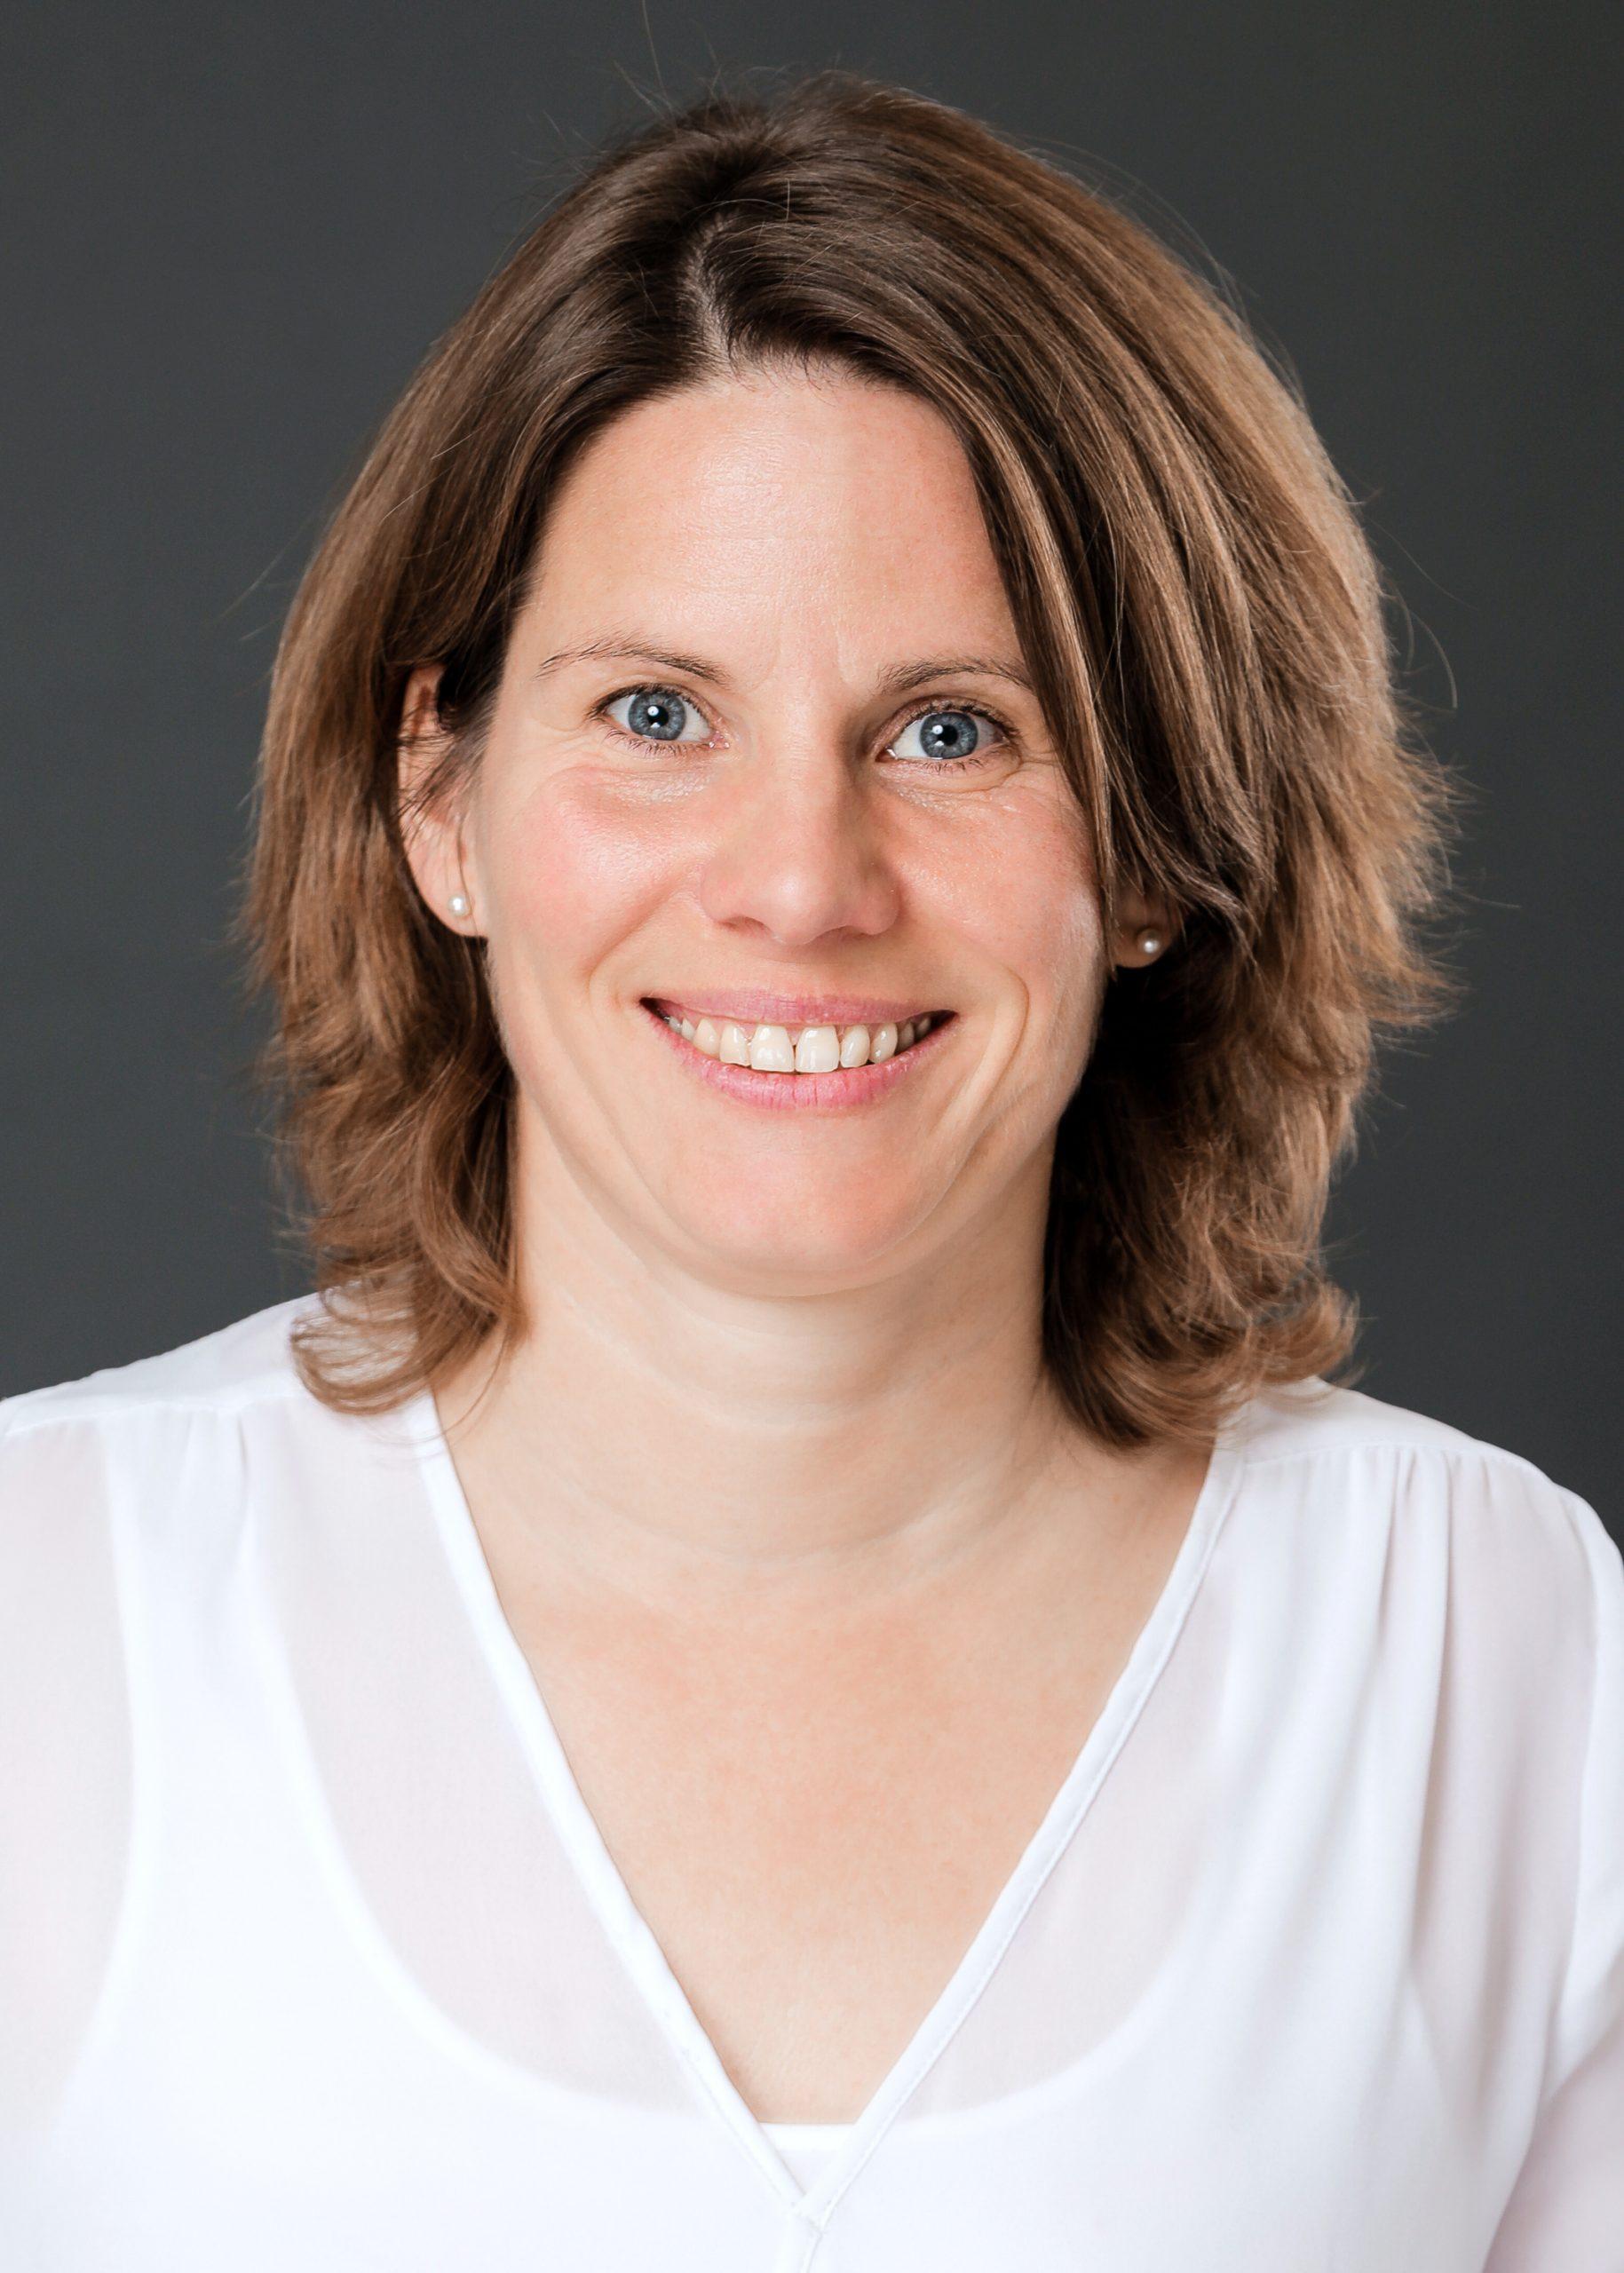 Simone Mayer